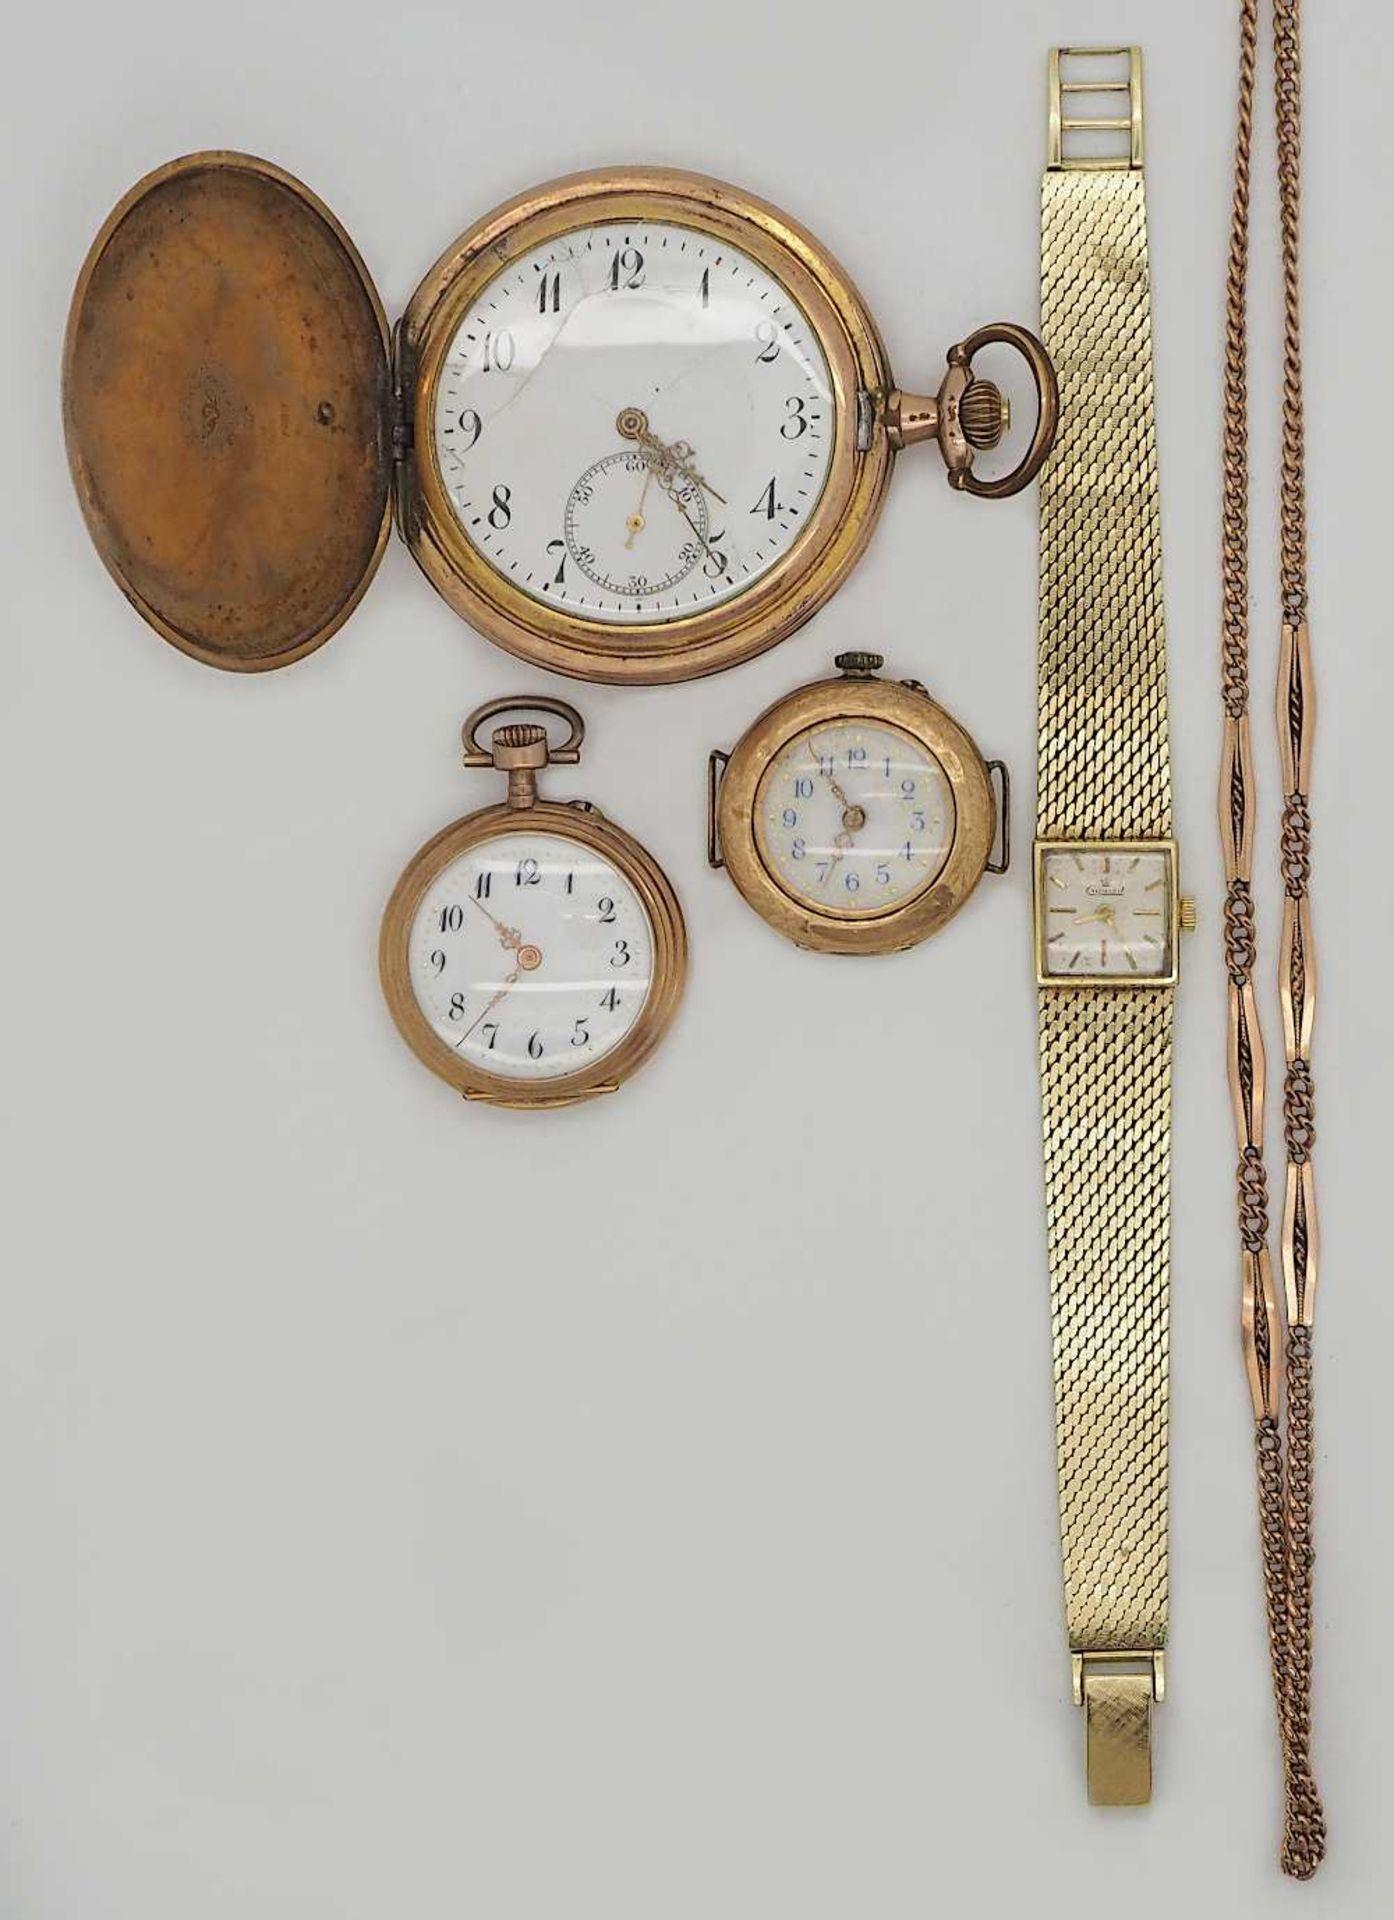 1 Damenarmbanduhr GG 14ct. EXQUISIT, 2 Damenuhren um 1900 je GG 14ct., sowie 2 weitere Uhren, Zu